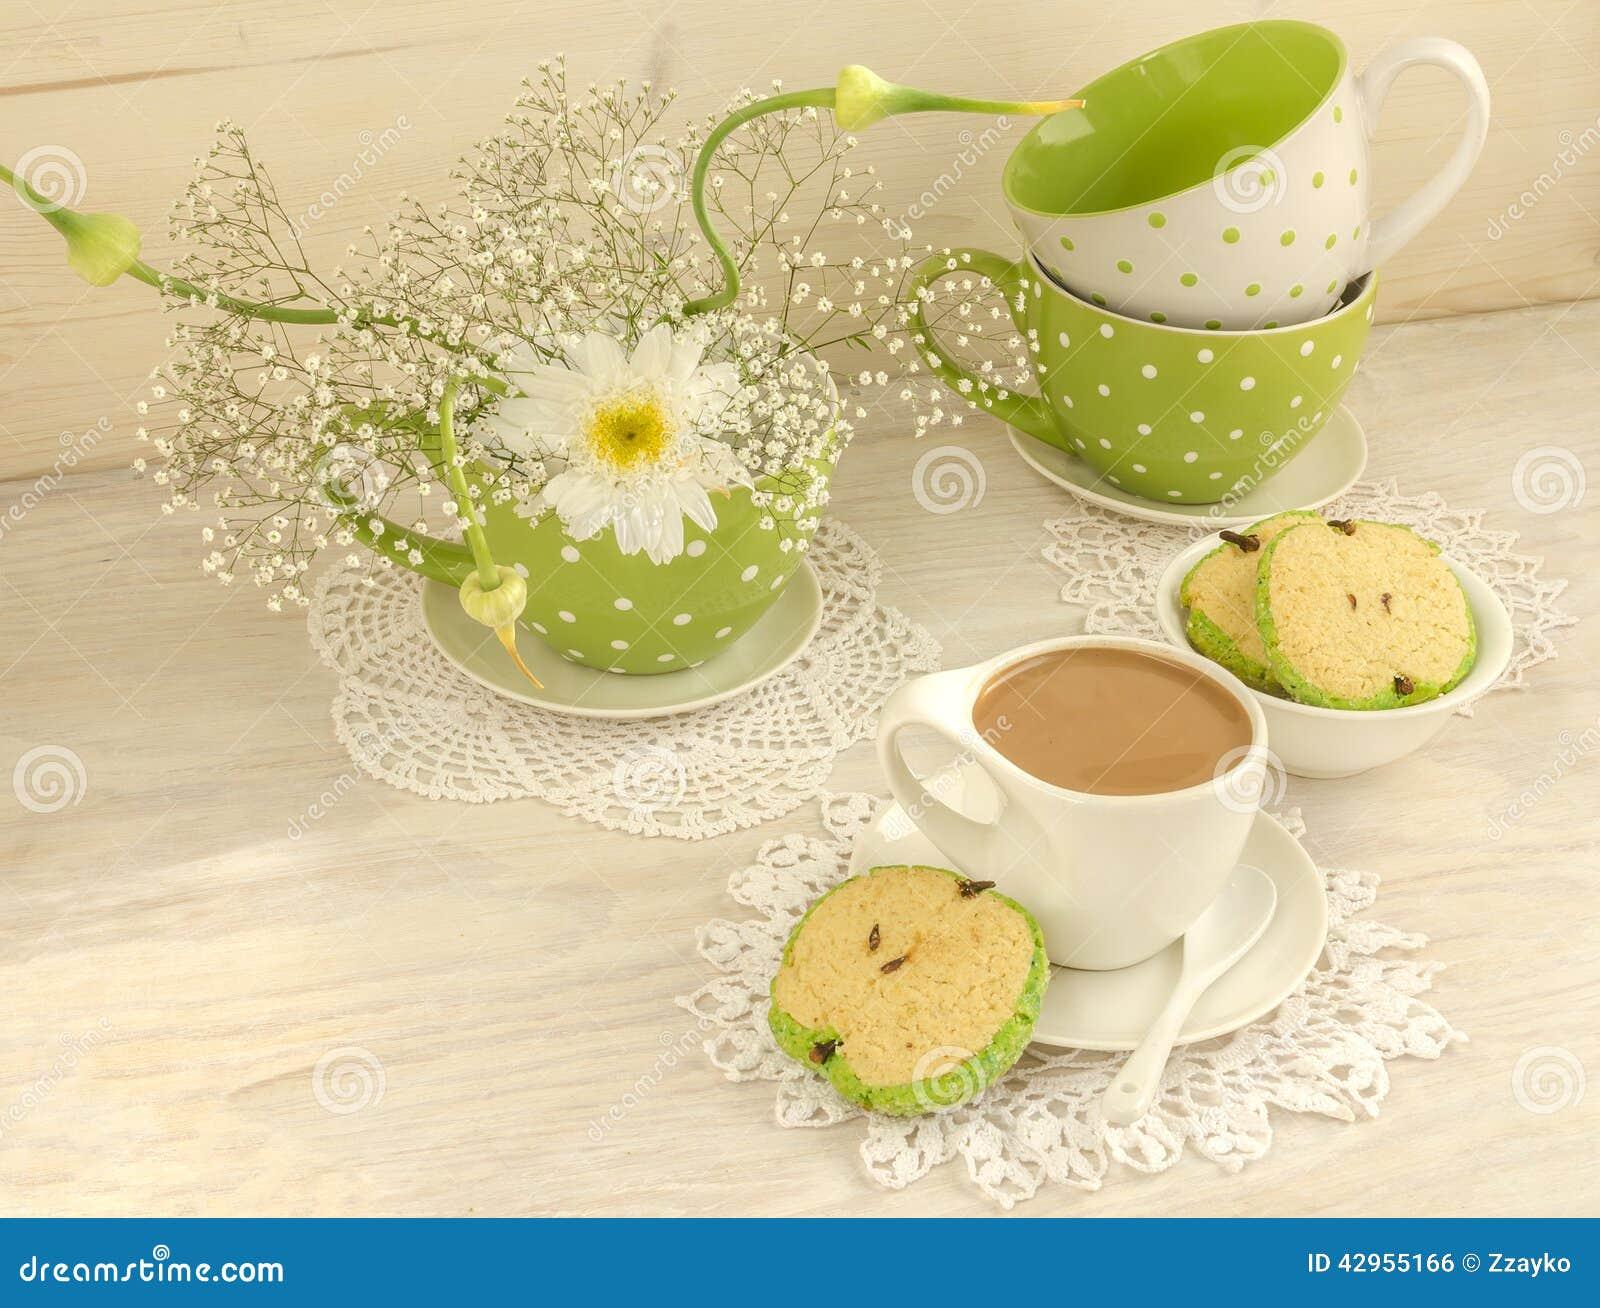 Ανθοδέσμη των άσπρων λουλουδιών, του κακάου φλυτζανιών με το γάλα και των με σχήμα μήλου μπισκότων